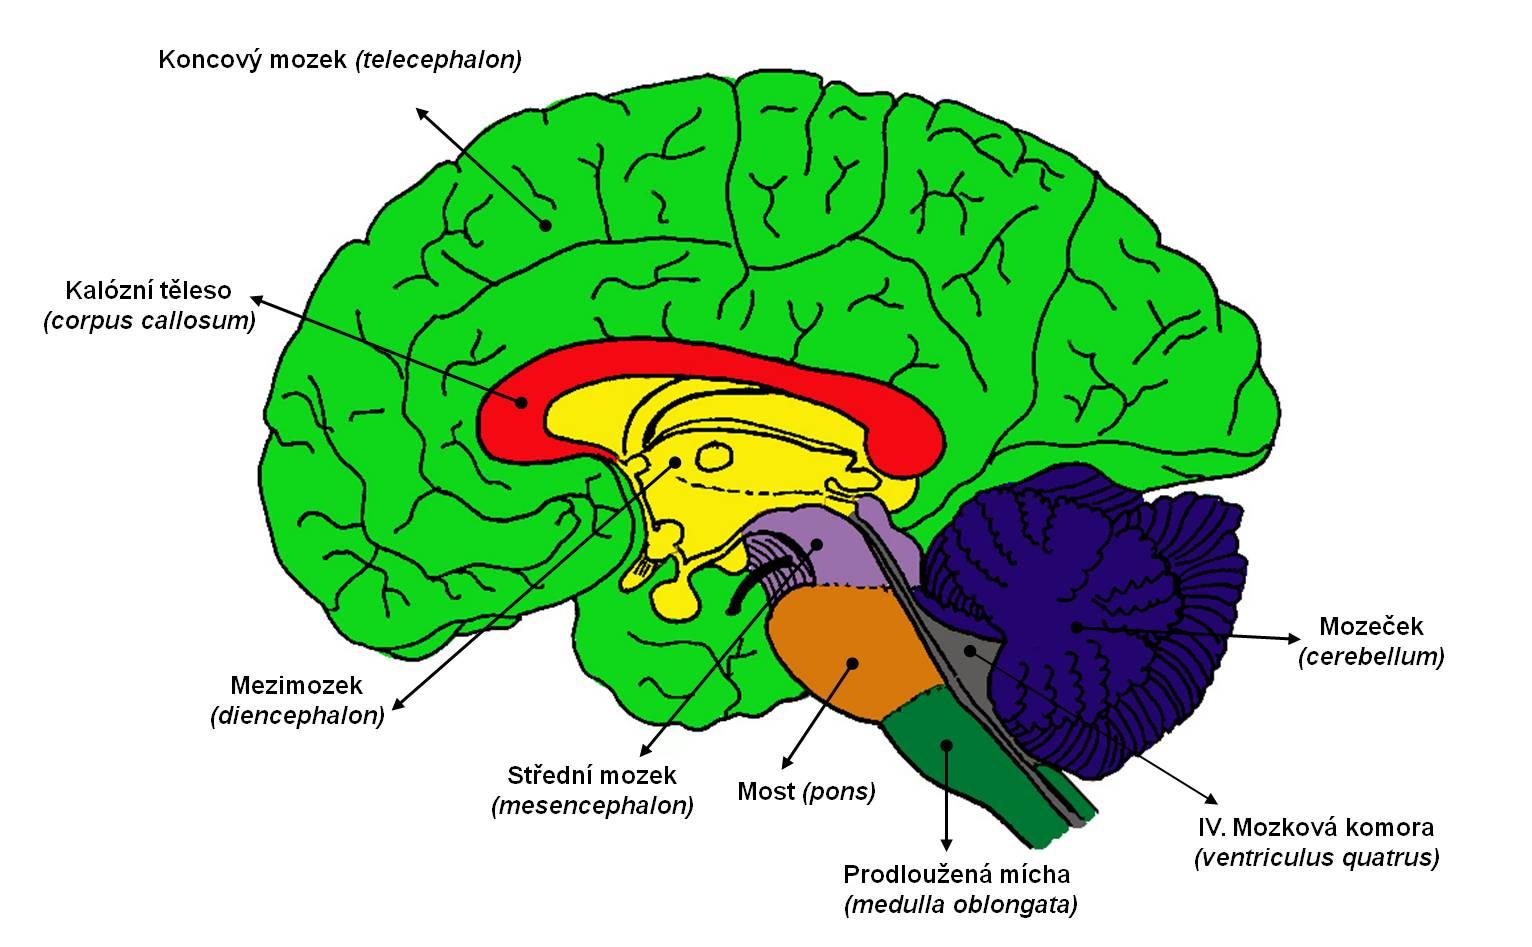 anatomie-mozku